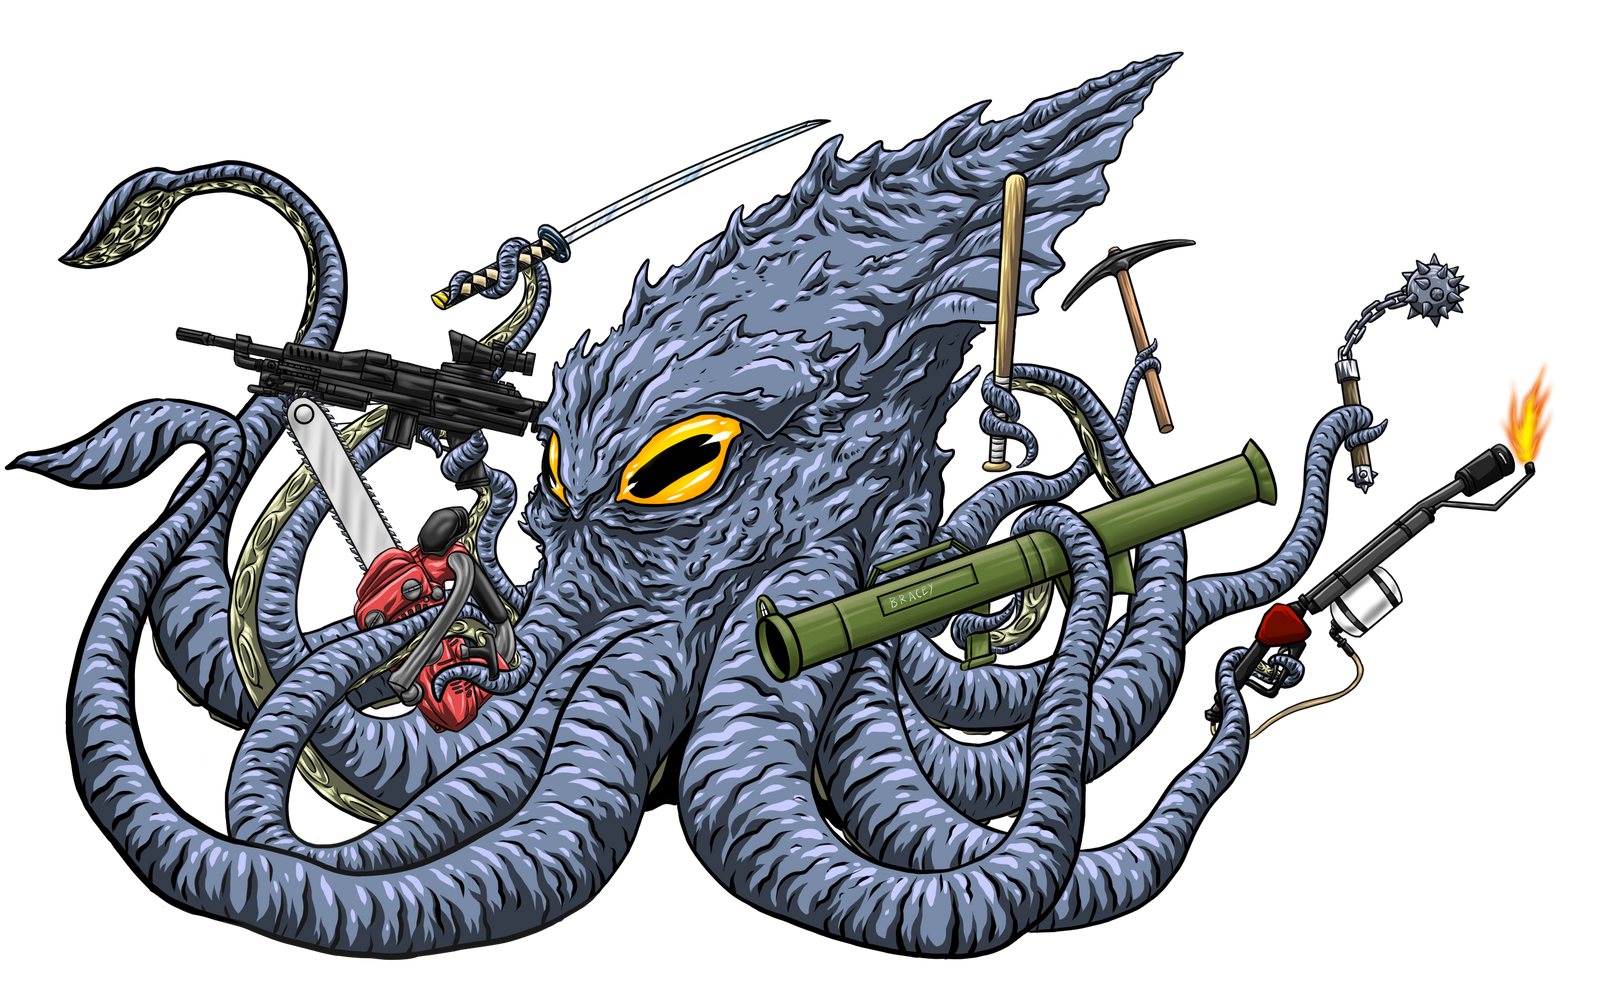 Commissions: Friday Night Score kraken